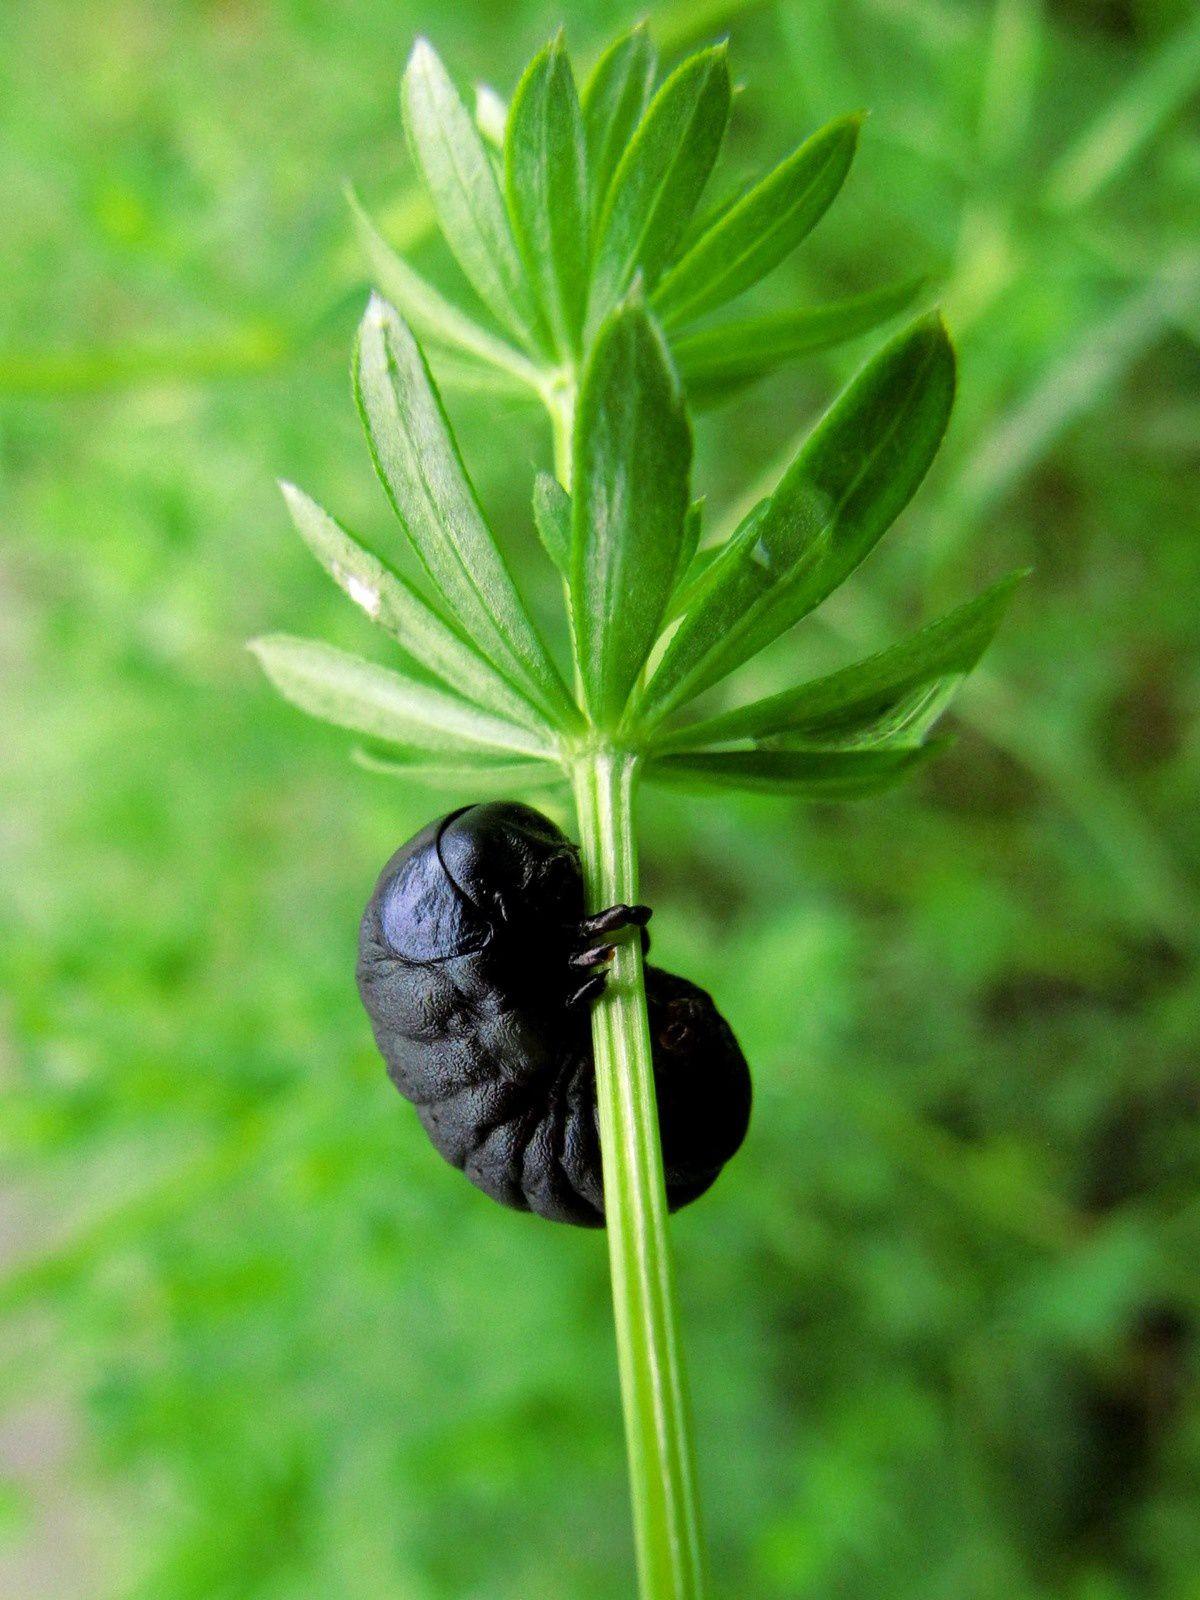 Timarche ténébreuse ou Crache-sang, imago et larve (Timarcha tenebricosa)